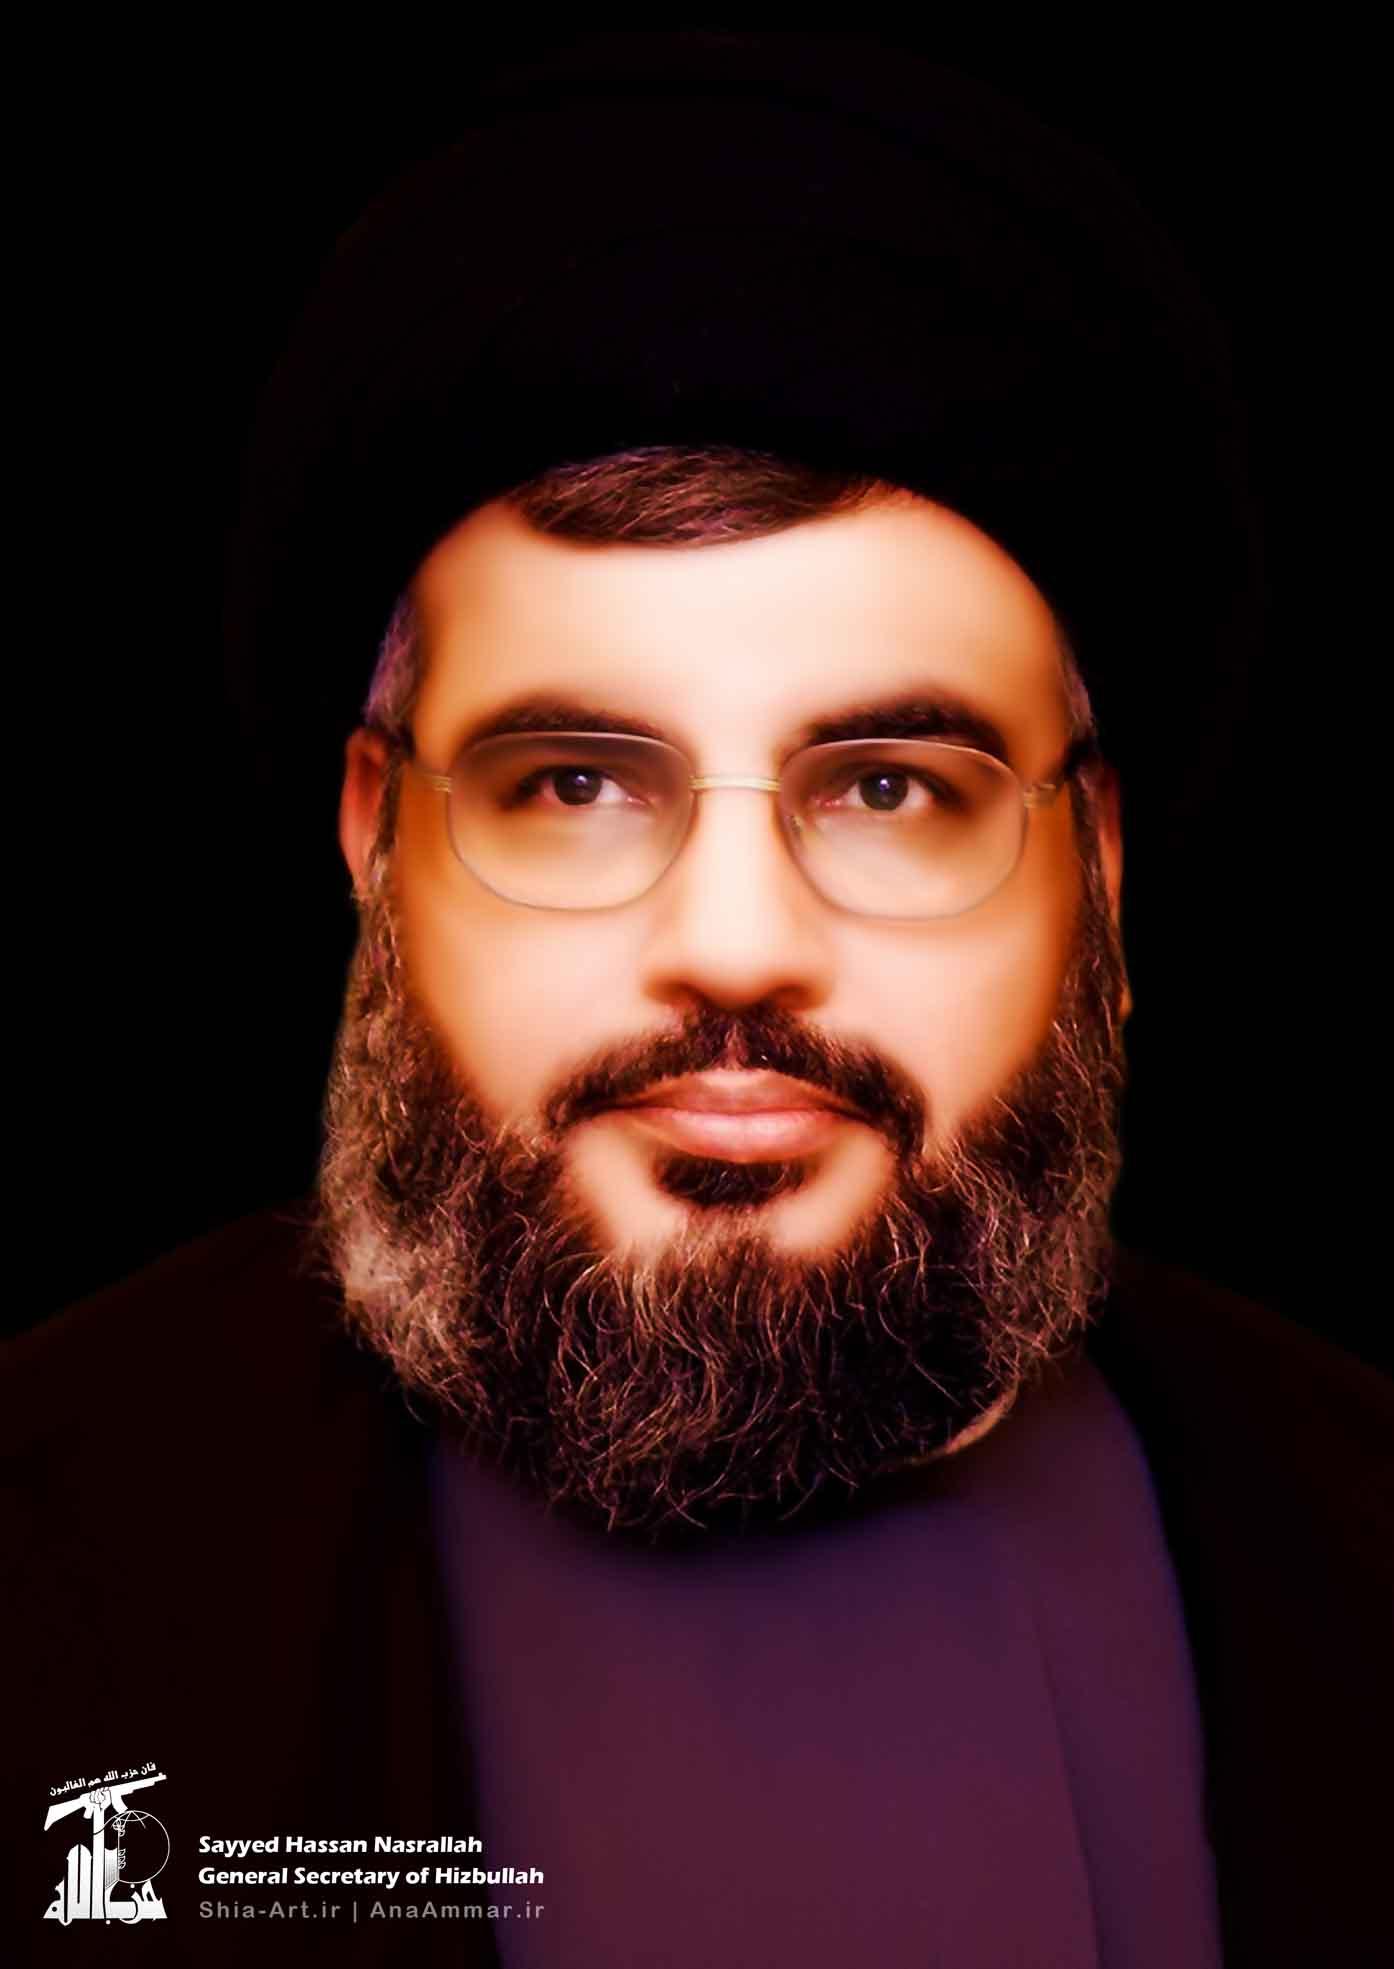 سید حسن نصر الله